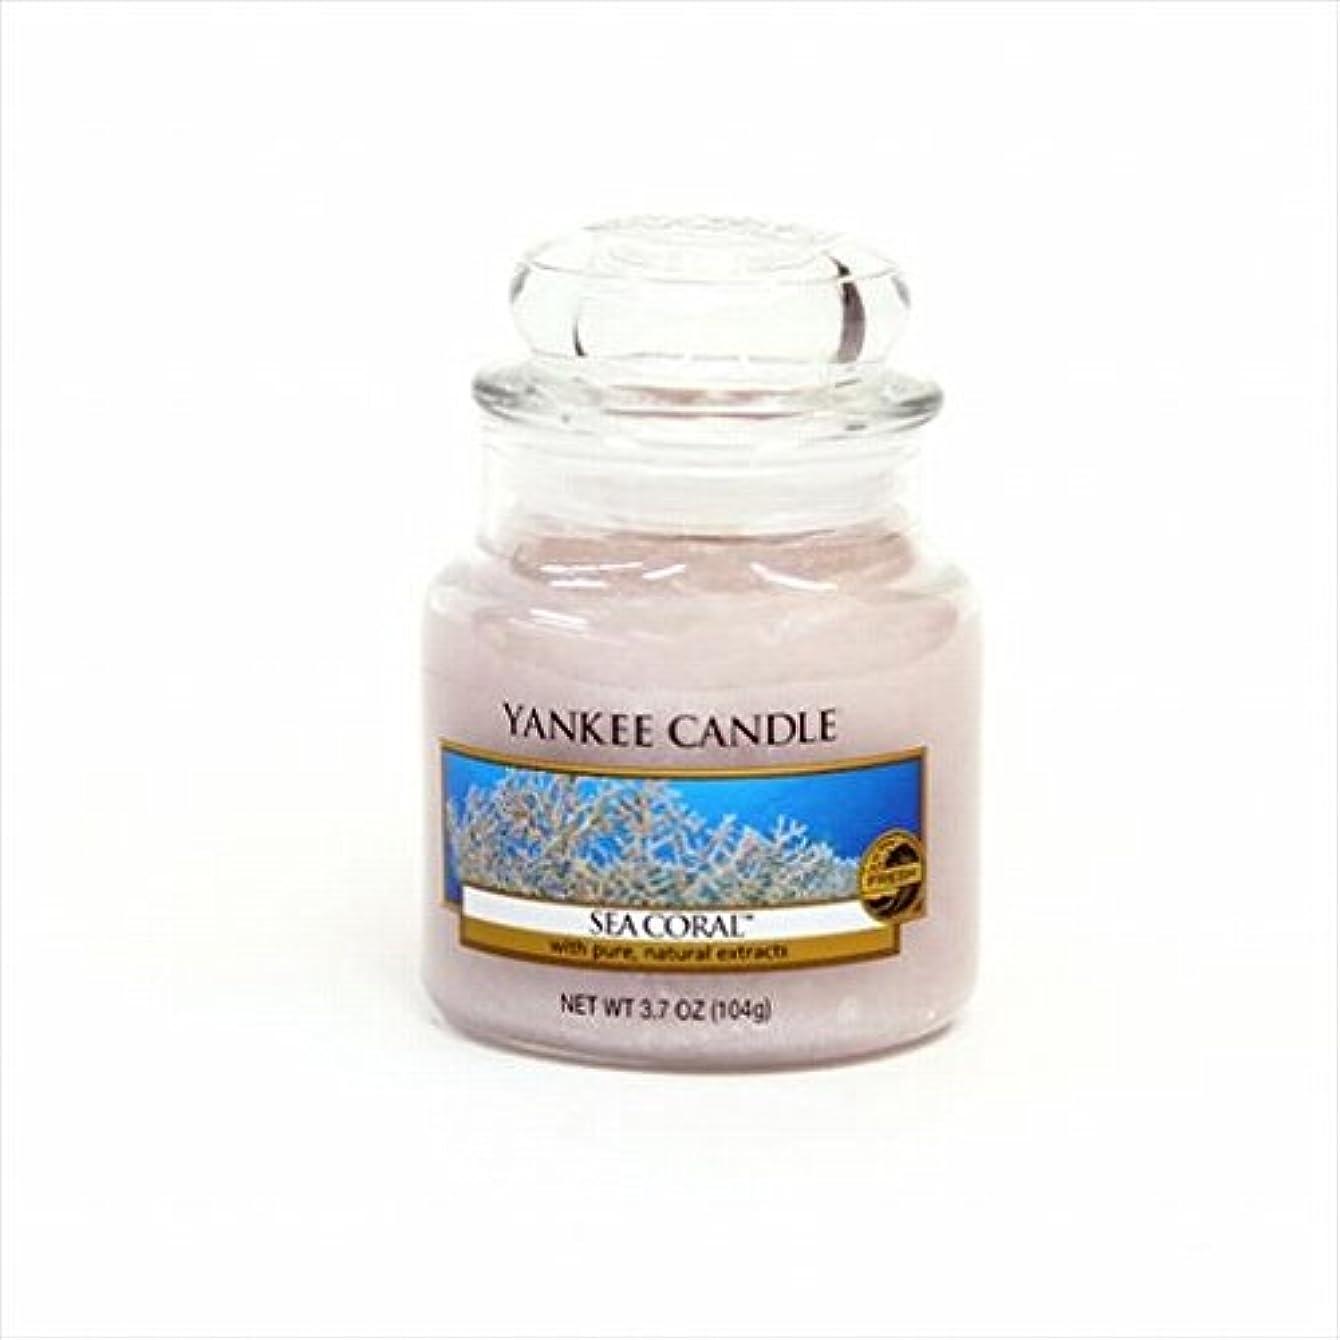 マイナス恐れる昨日カメヤマキャンドル(kameyama candle) YANKEE CANDLE ジャーS 「 シーコーラル 」